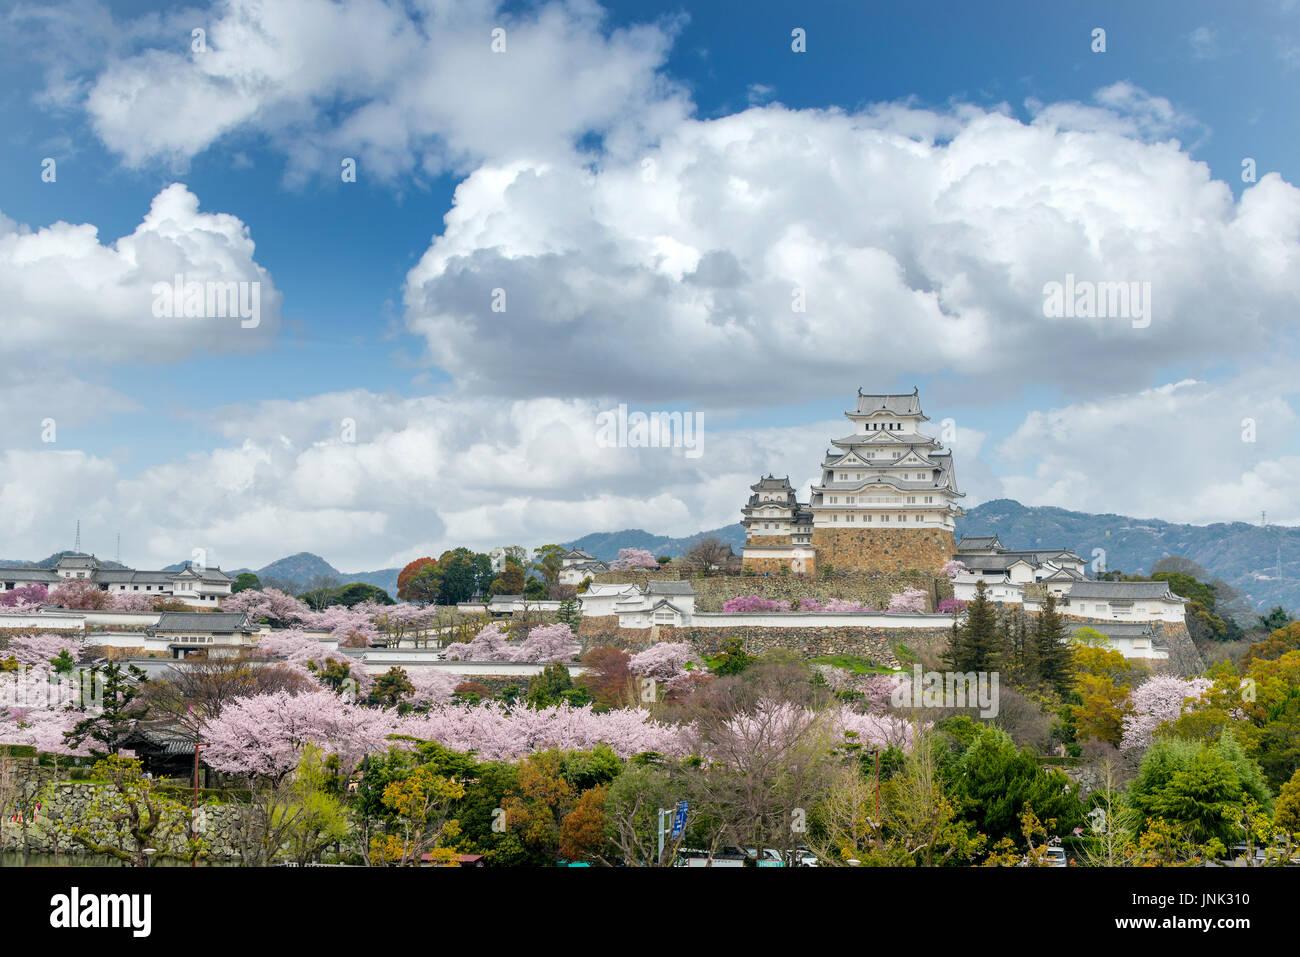 Temporada de flores de cerezo en flor con el castillo de Himeji en la ciudad de Himeji, en la provincia de Hyogo, cerca de Osaka, Japón Imagen De Stock